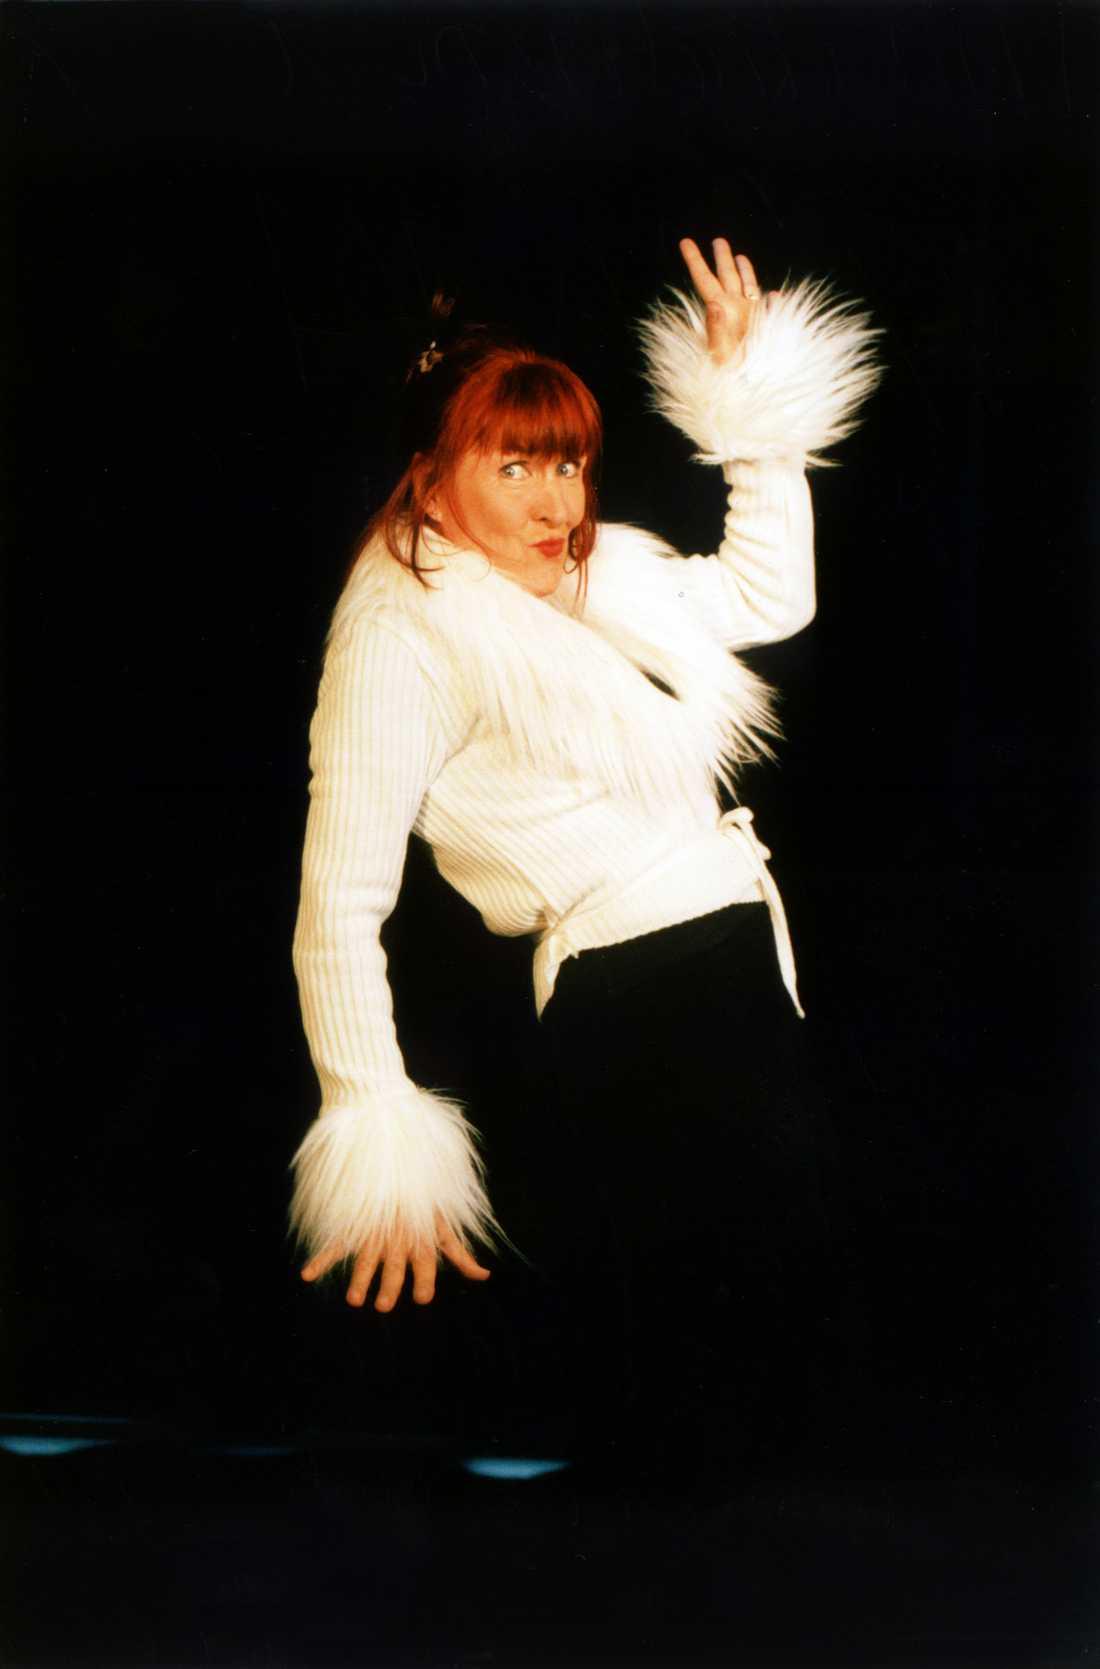 Kim Anderzon i föreställningen vivagina.